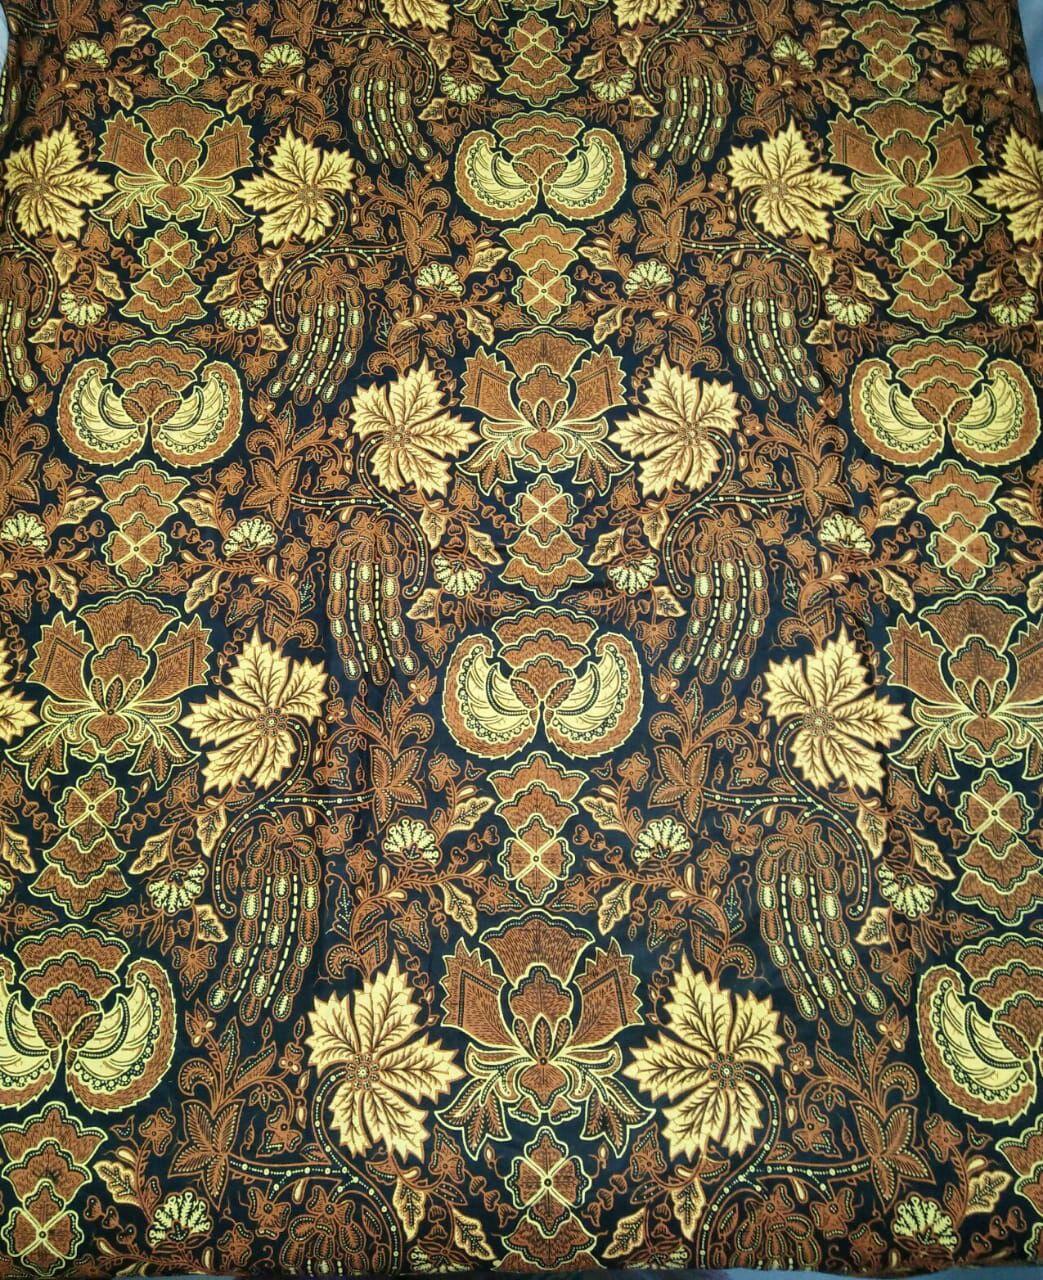 kumpulan batik sogan warna coklat hitam